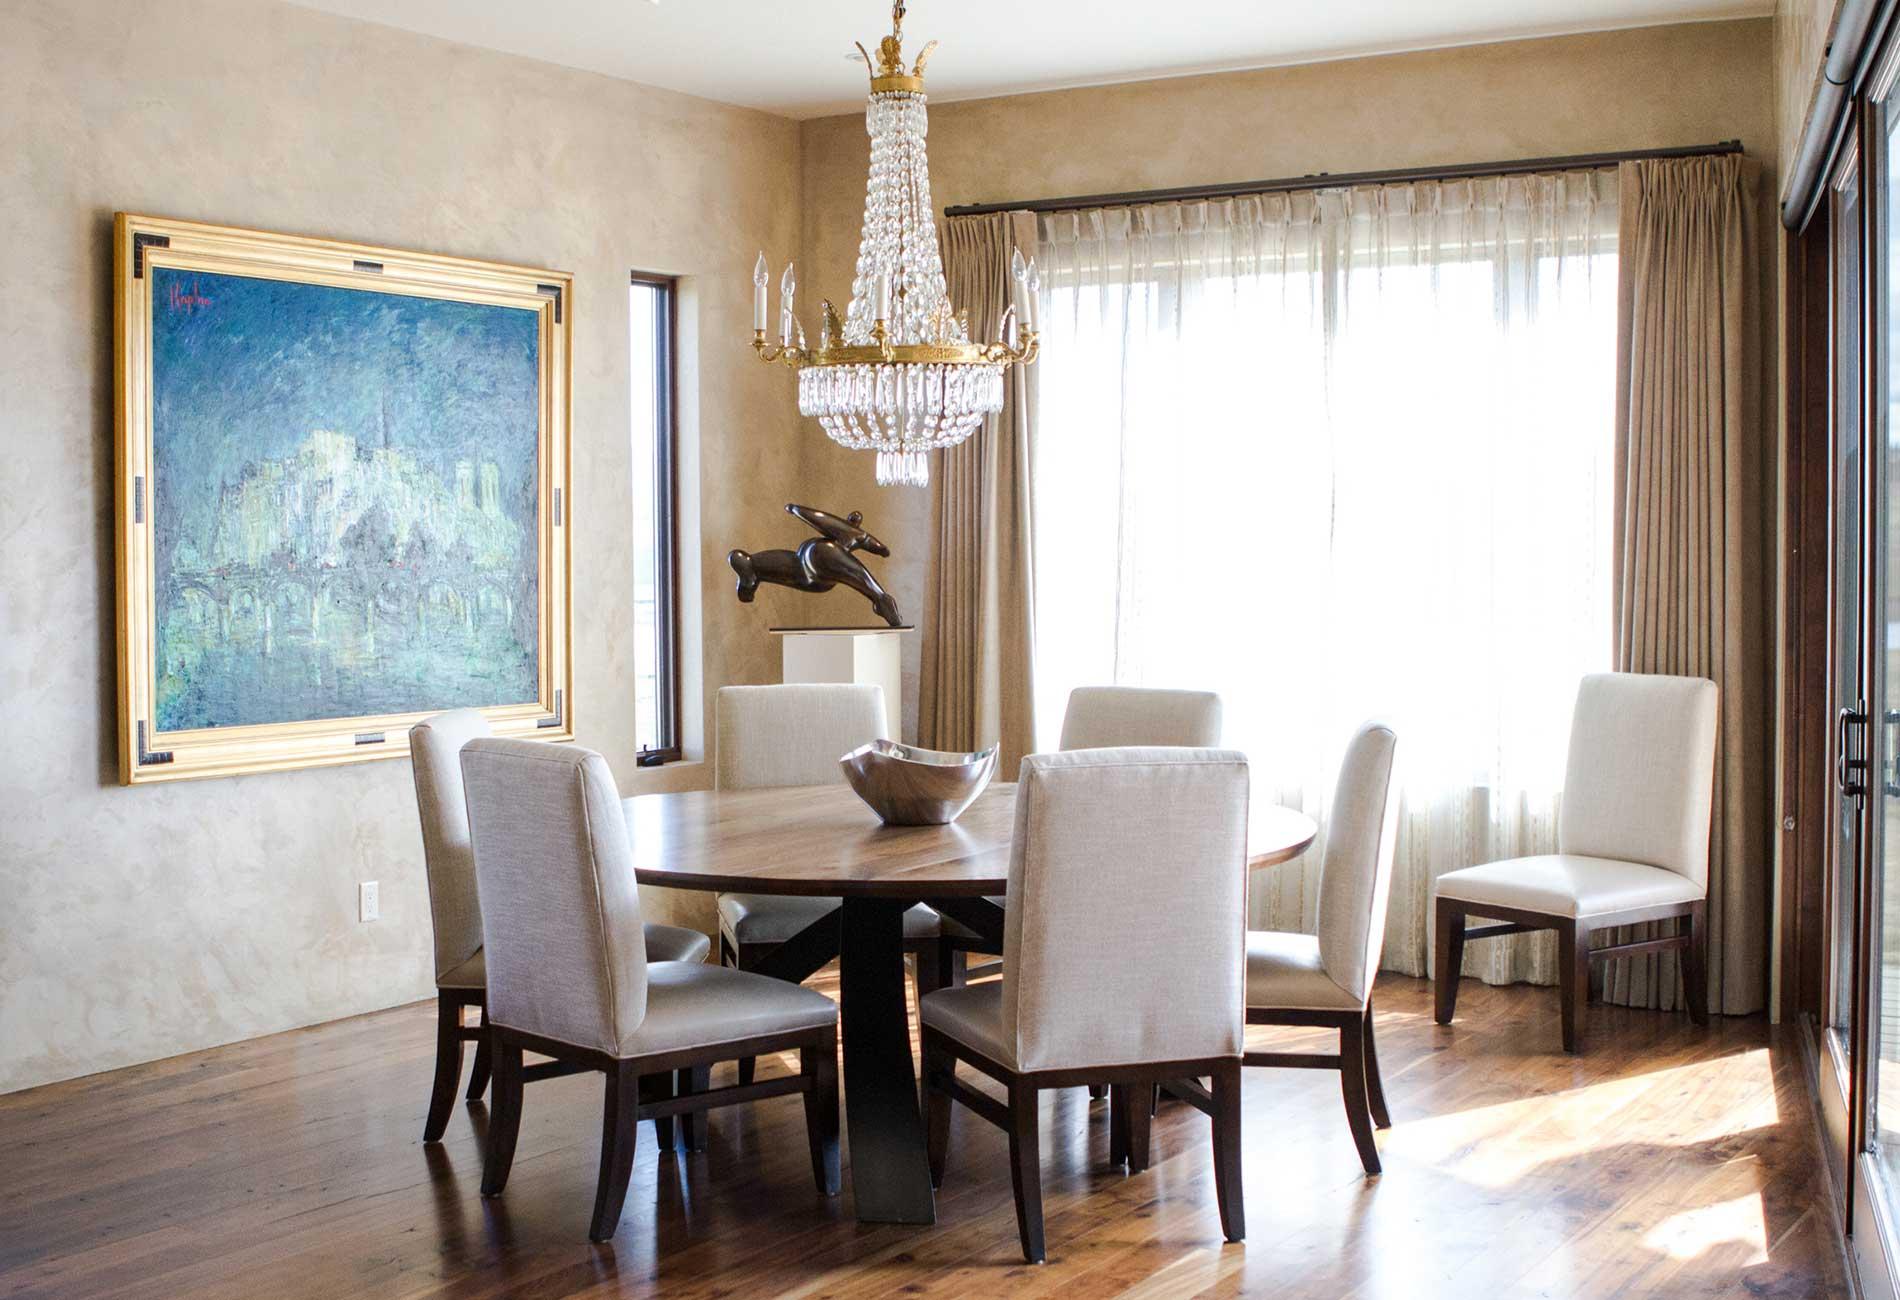 Black Bull residence dining room